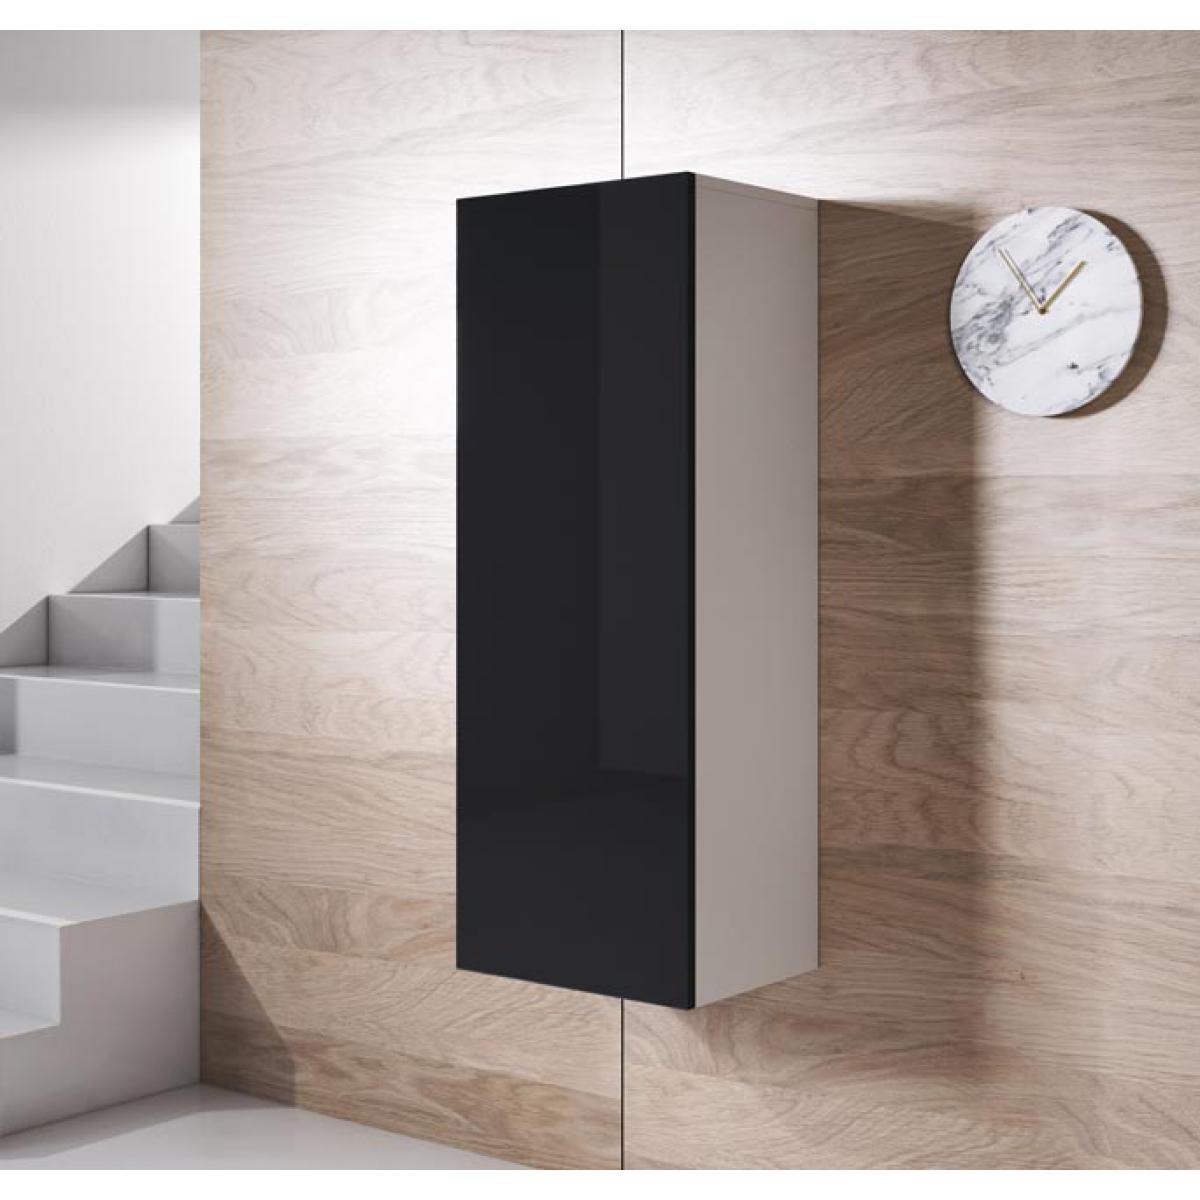 Design Ameublement Armoire mural modèle Luke V1 (40x126cm) couleur blanc et noir